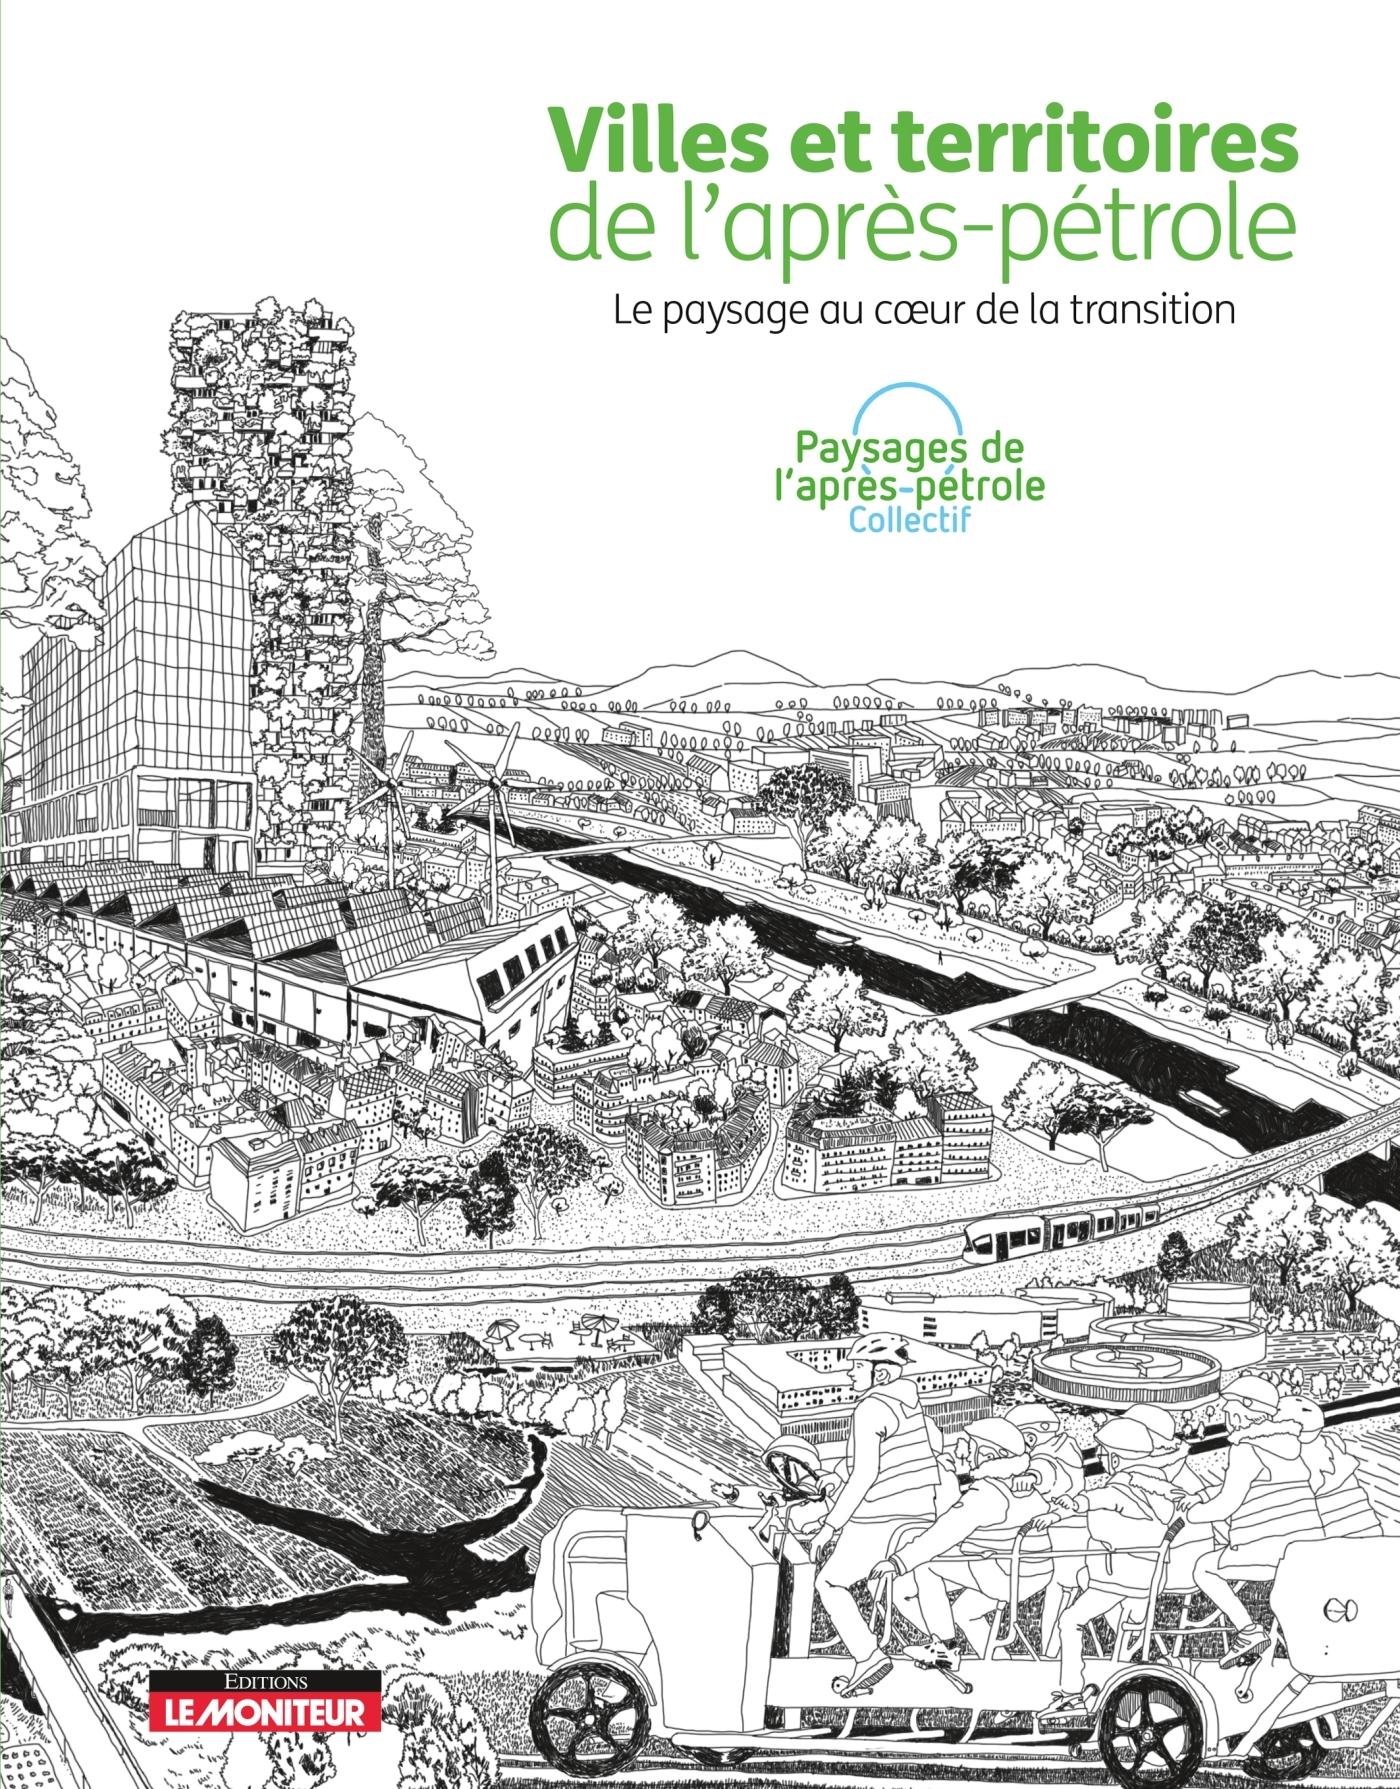 VILLES ET TERRITOIRES DE L'APRES-PETROLE - LE PAYSAGE AU COEUR DE LA TRANSITION